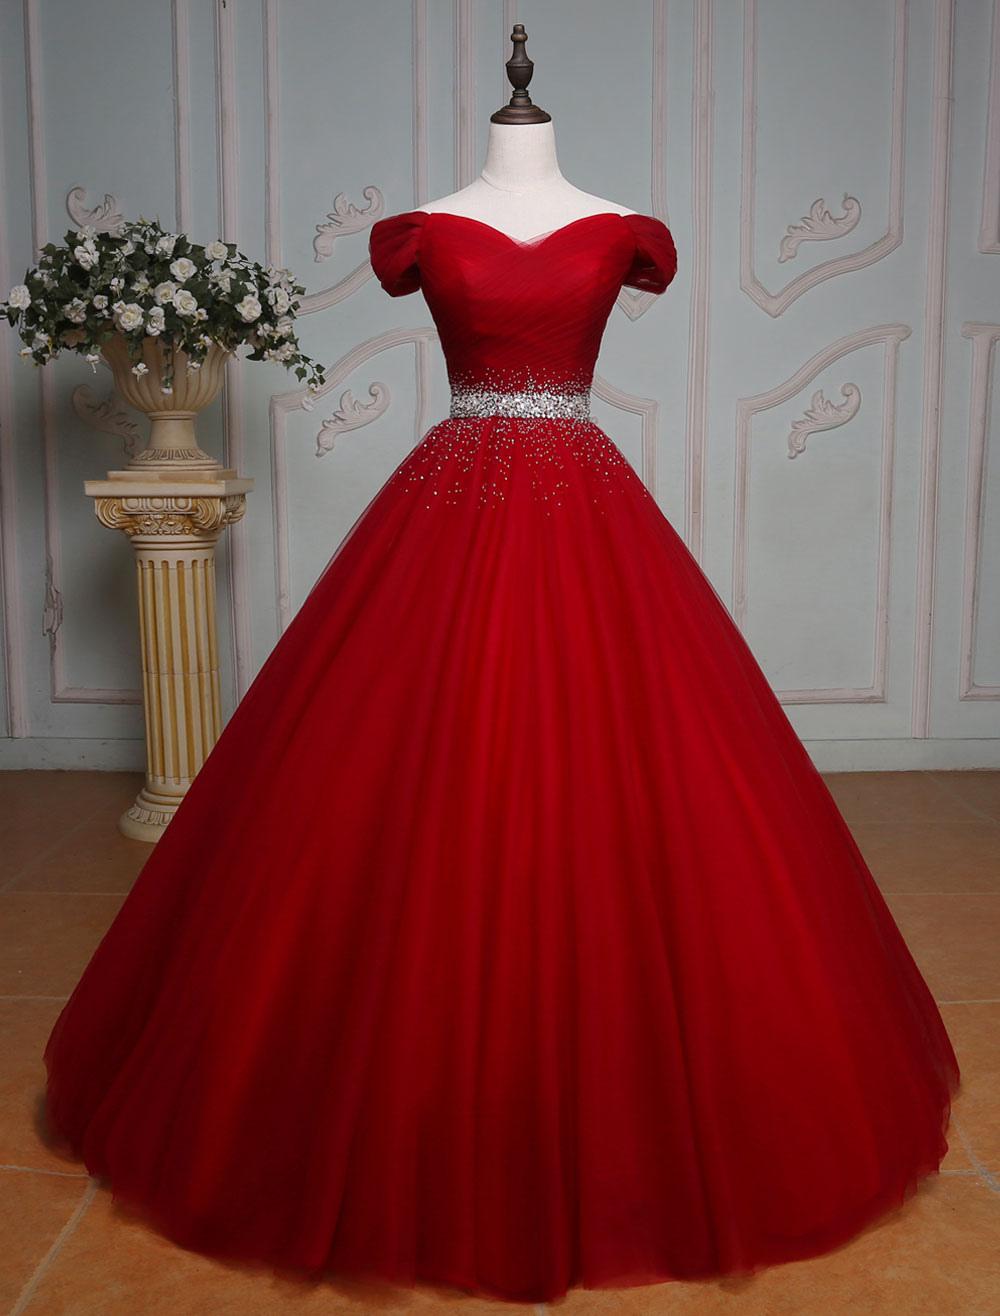 Robe princesse rouge bordeaux